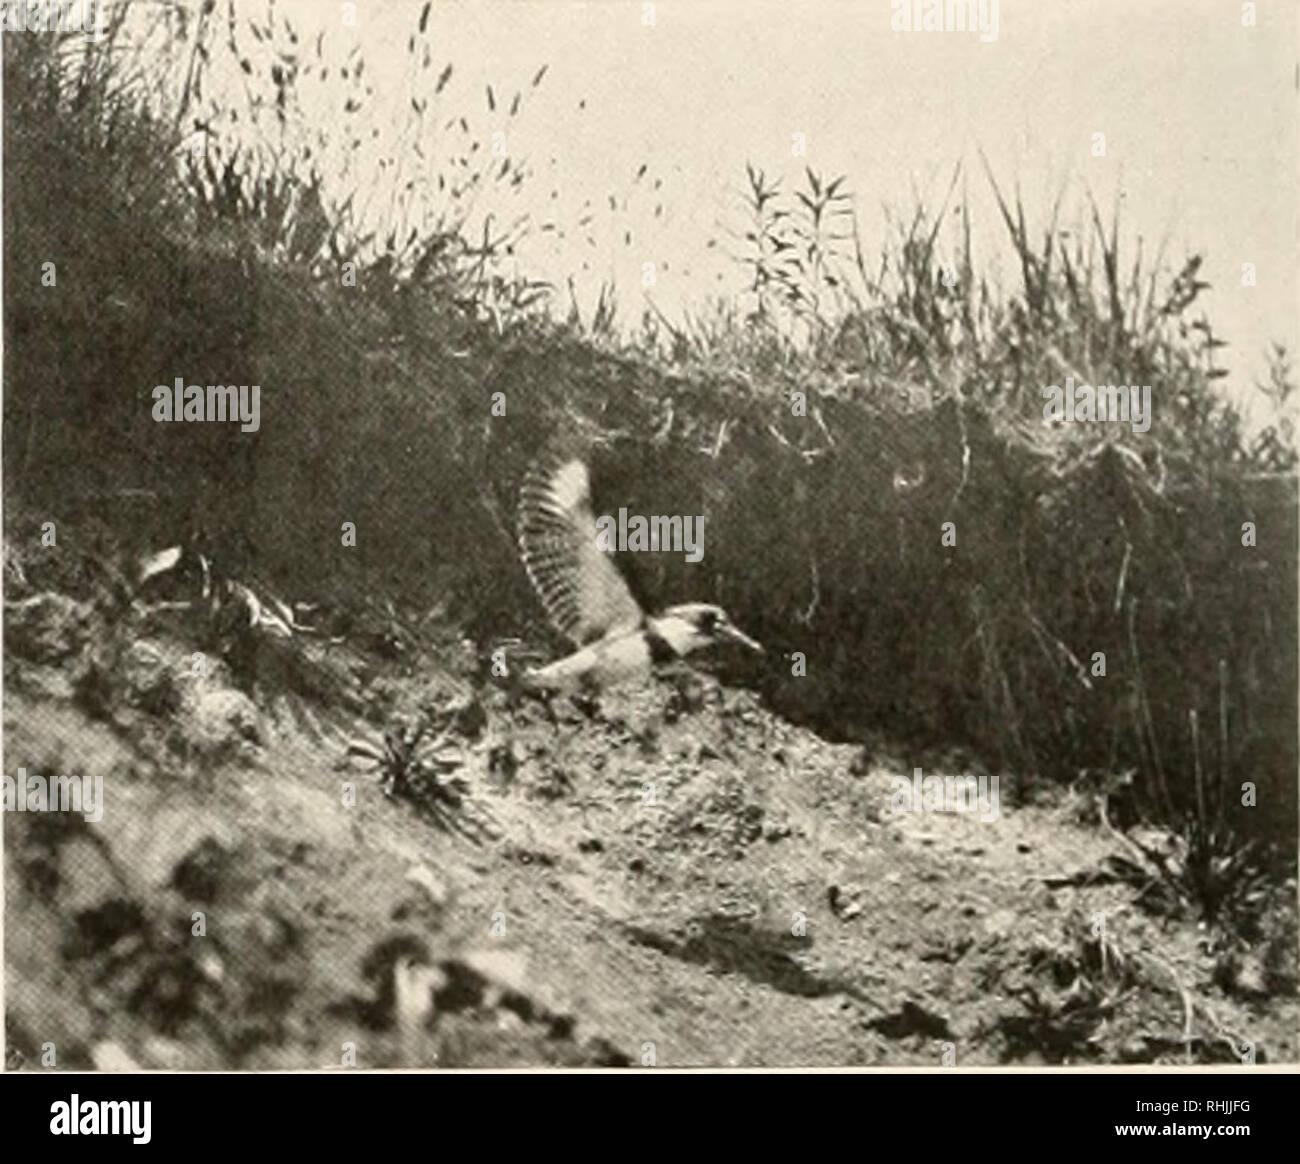 . Oiseaux d'Amérique;. Les oiseaux -- Amérique du Nord. KINGFISHER YOONG sortant de son nid le terrier avec la nature et le but de l'activité de Kingfisher. Un trop grand nombre de ses imitateurs de peur, ou même croire, qu'il est destructeur pour les poissons de sport, notamment l'omble de fontaine. Mais il semble que cette accusation ne peut être fondée, et que les captures d'oiseaux principalement des ménés, hacher, et les poissons d'eau peu profonde qui sont nuisibles pour le pêcheur. Et il est connu qu'une très con- siderable partie de son régime alimentaire est composé de craw- poissons, grenouilles, et même nuisible de coléoptères et de sauterelles, qu'il prend lorsque la pêc Photo Stock